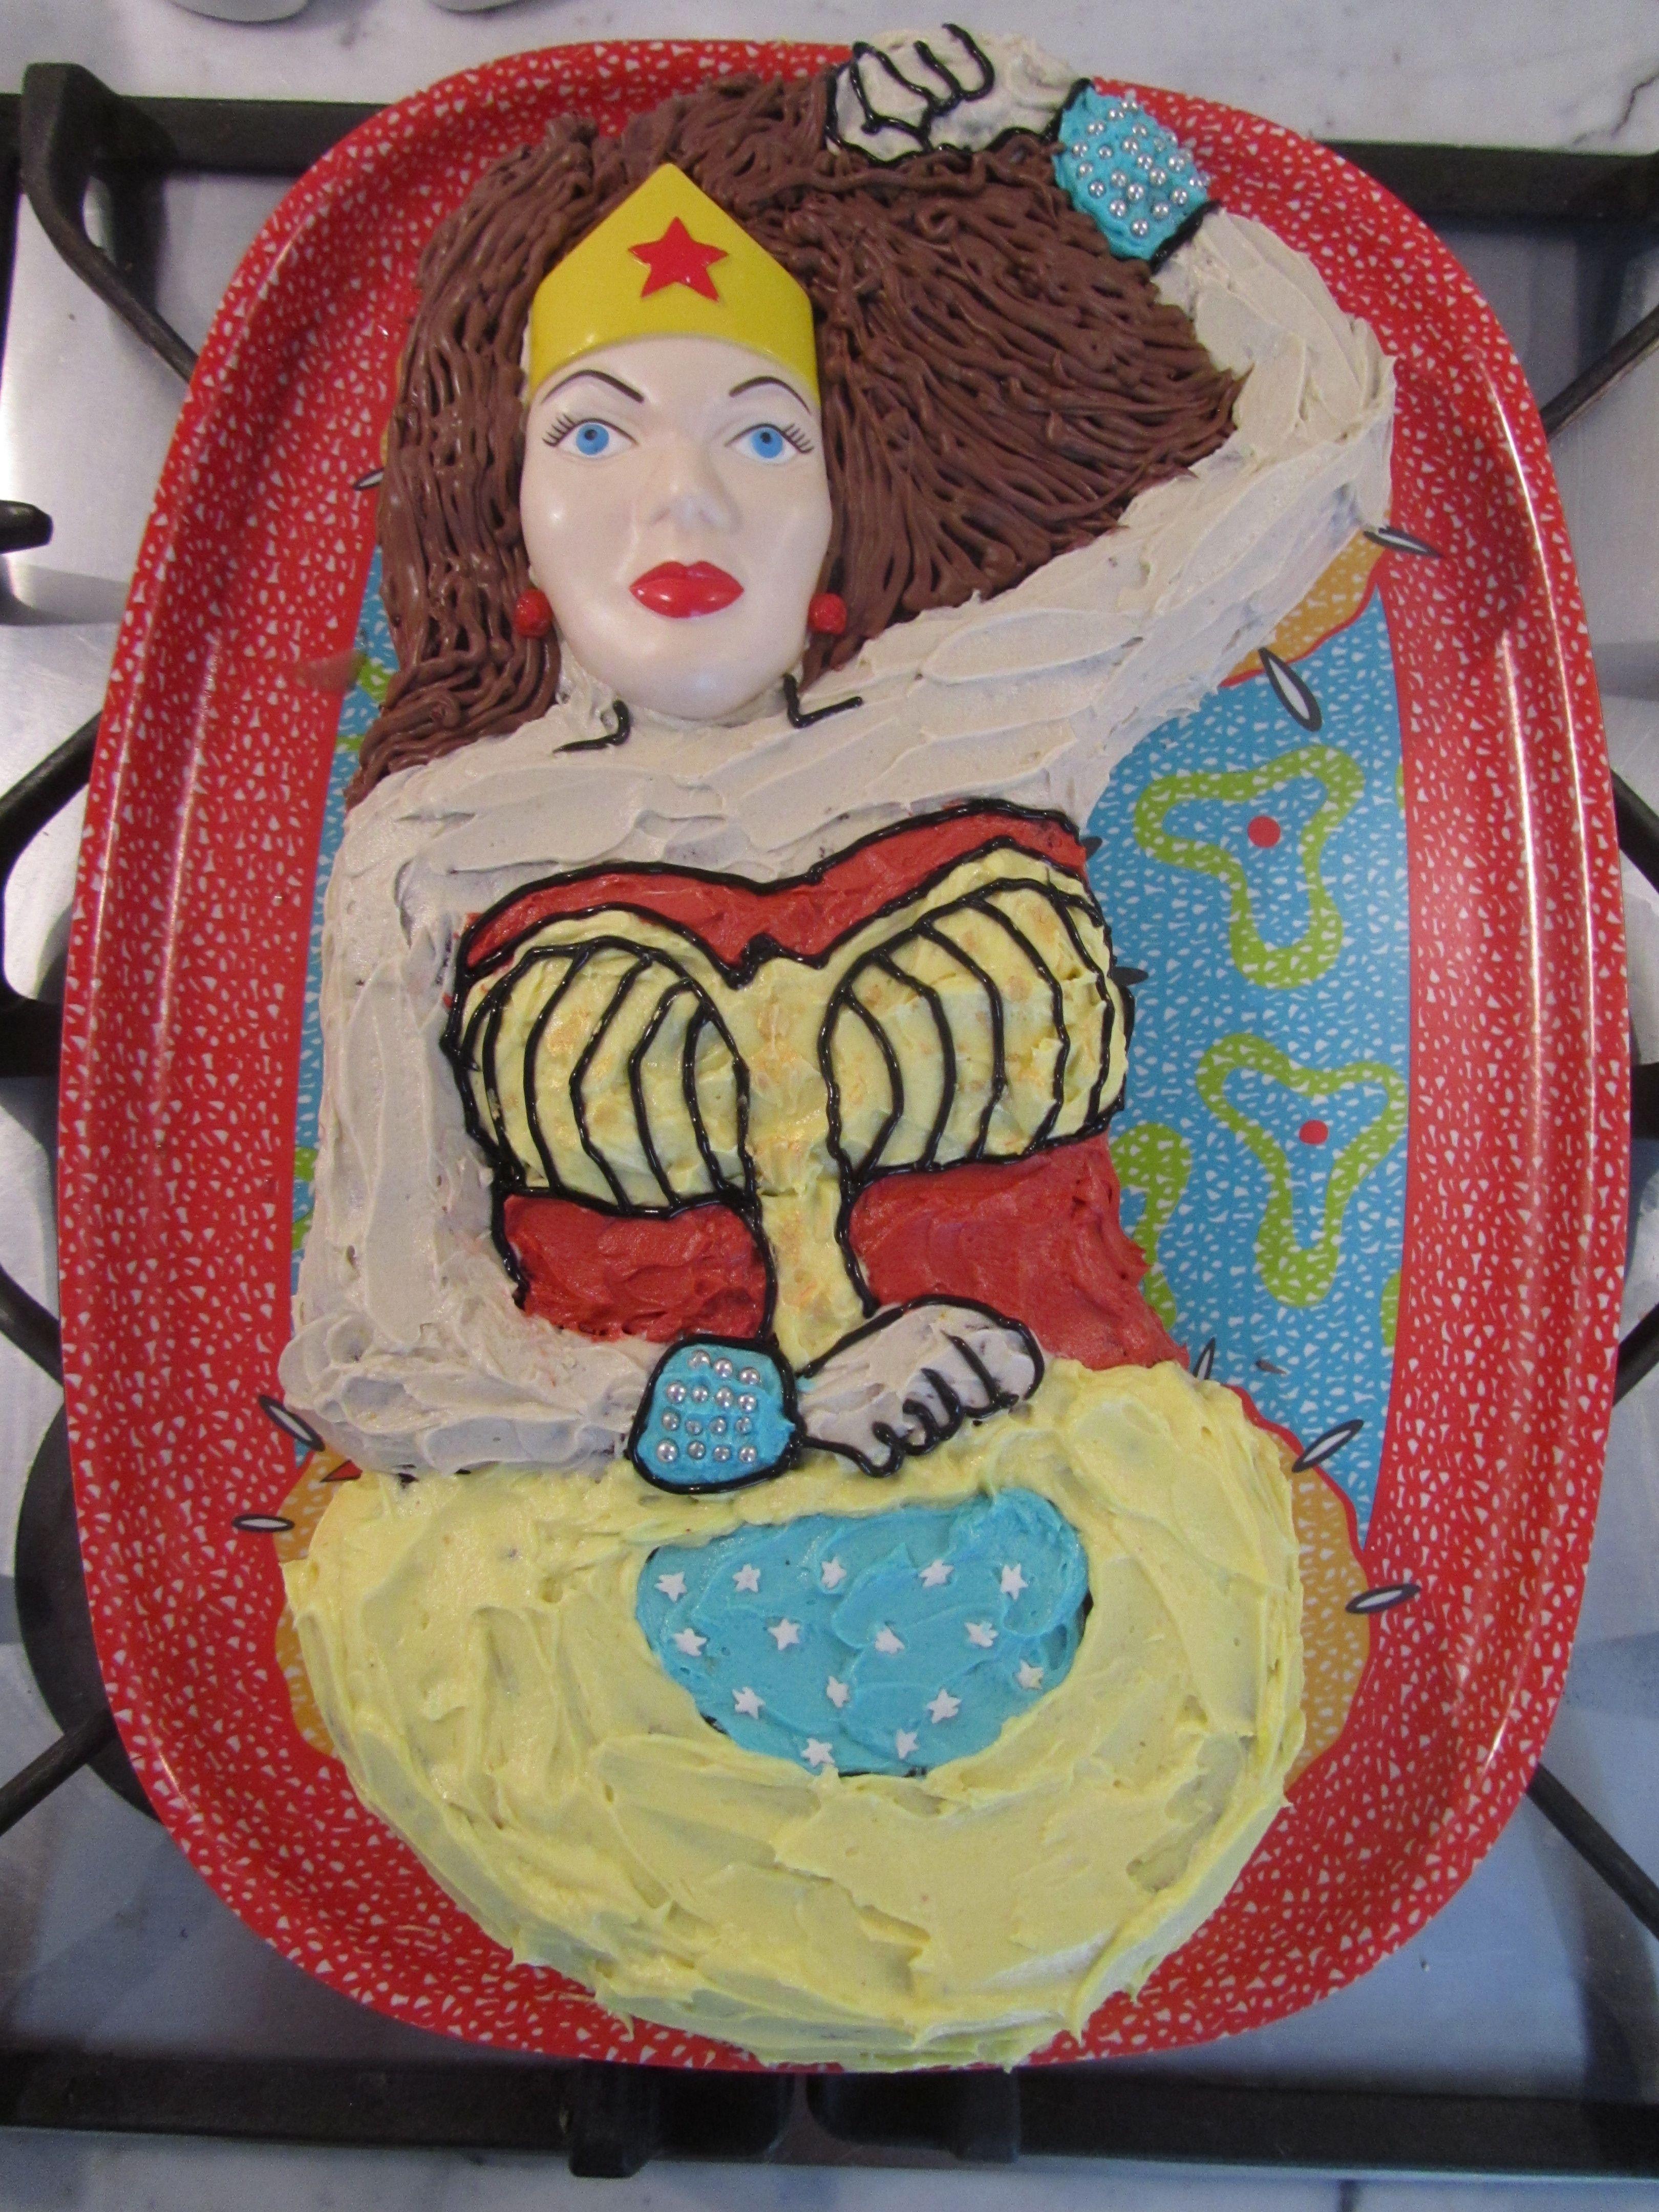 Wonder Woman Cake Pan Cake Recipe